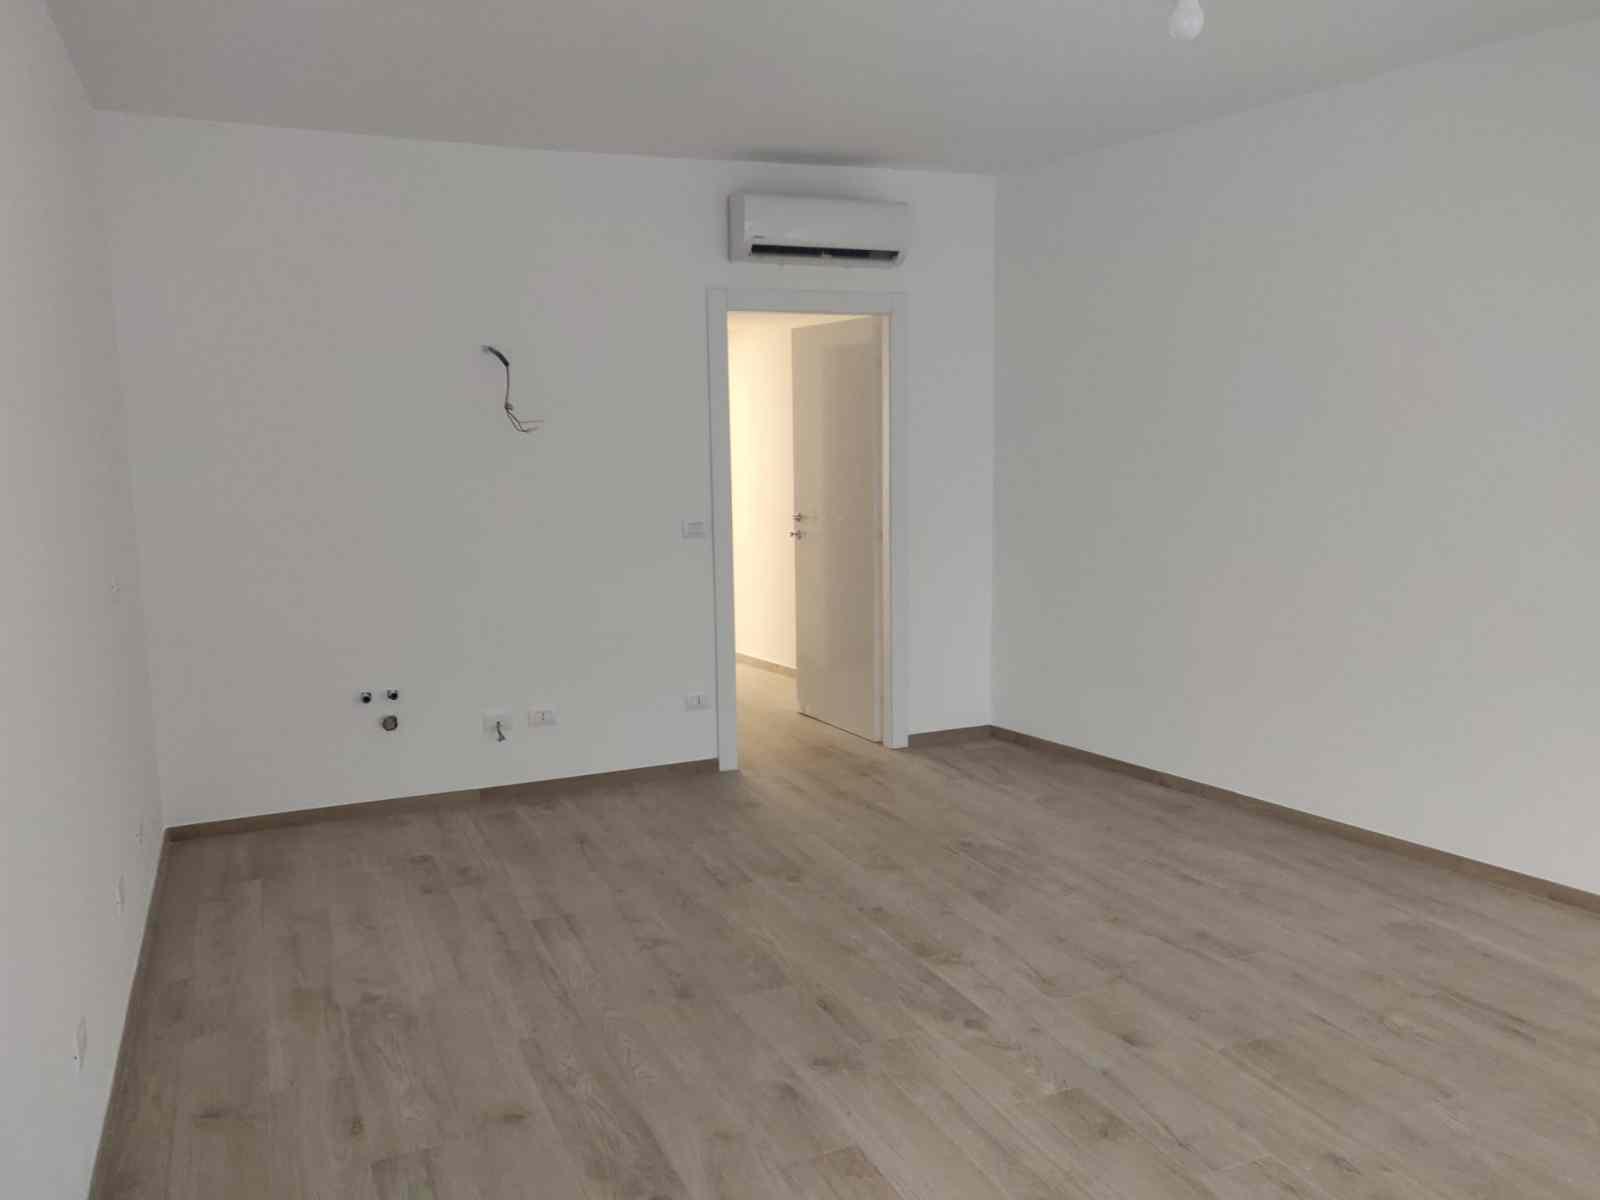 appartamento-in-vendita-baggio-milano-spaziourbano-immobiliare-vende-2-locali-bilocale-9